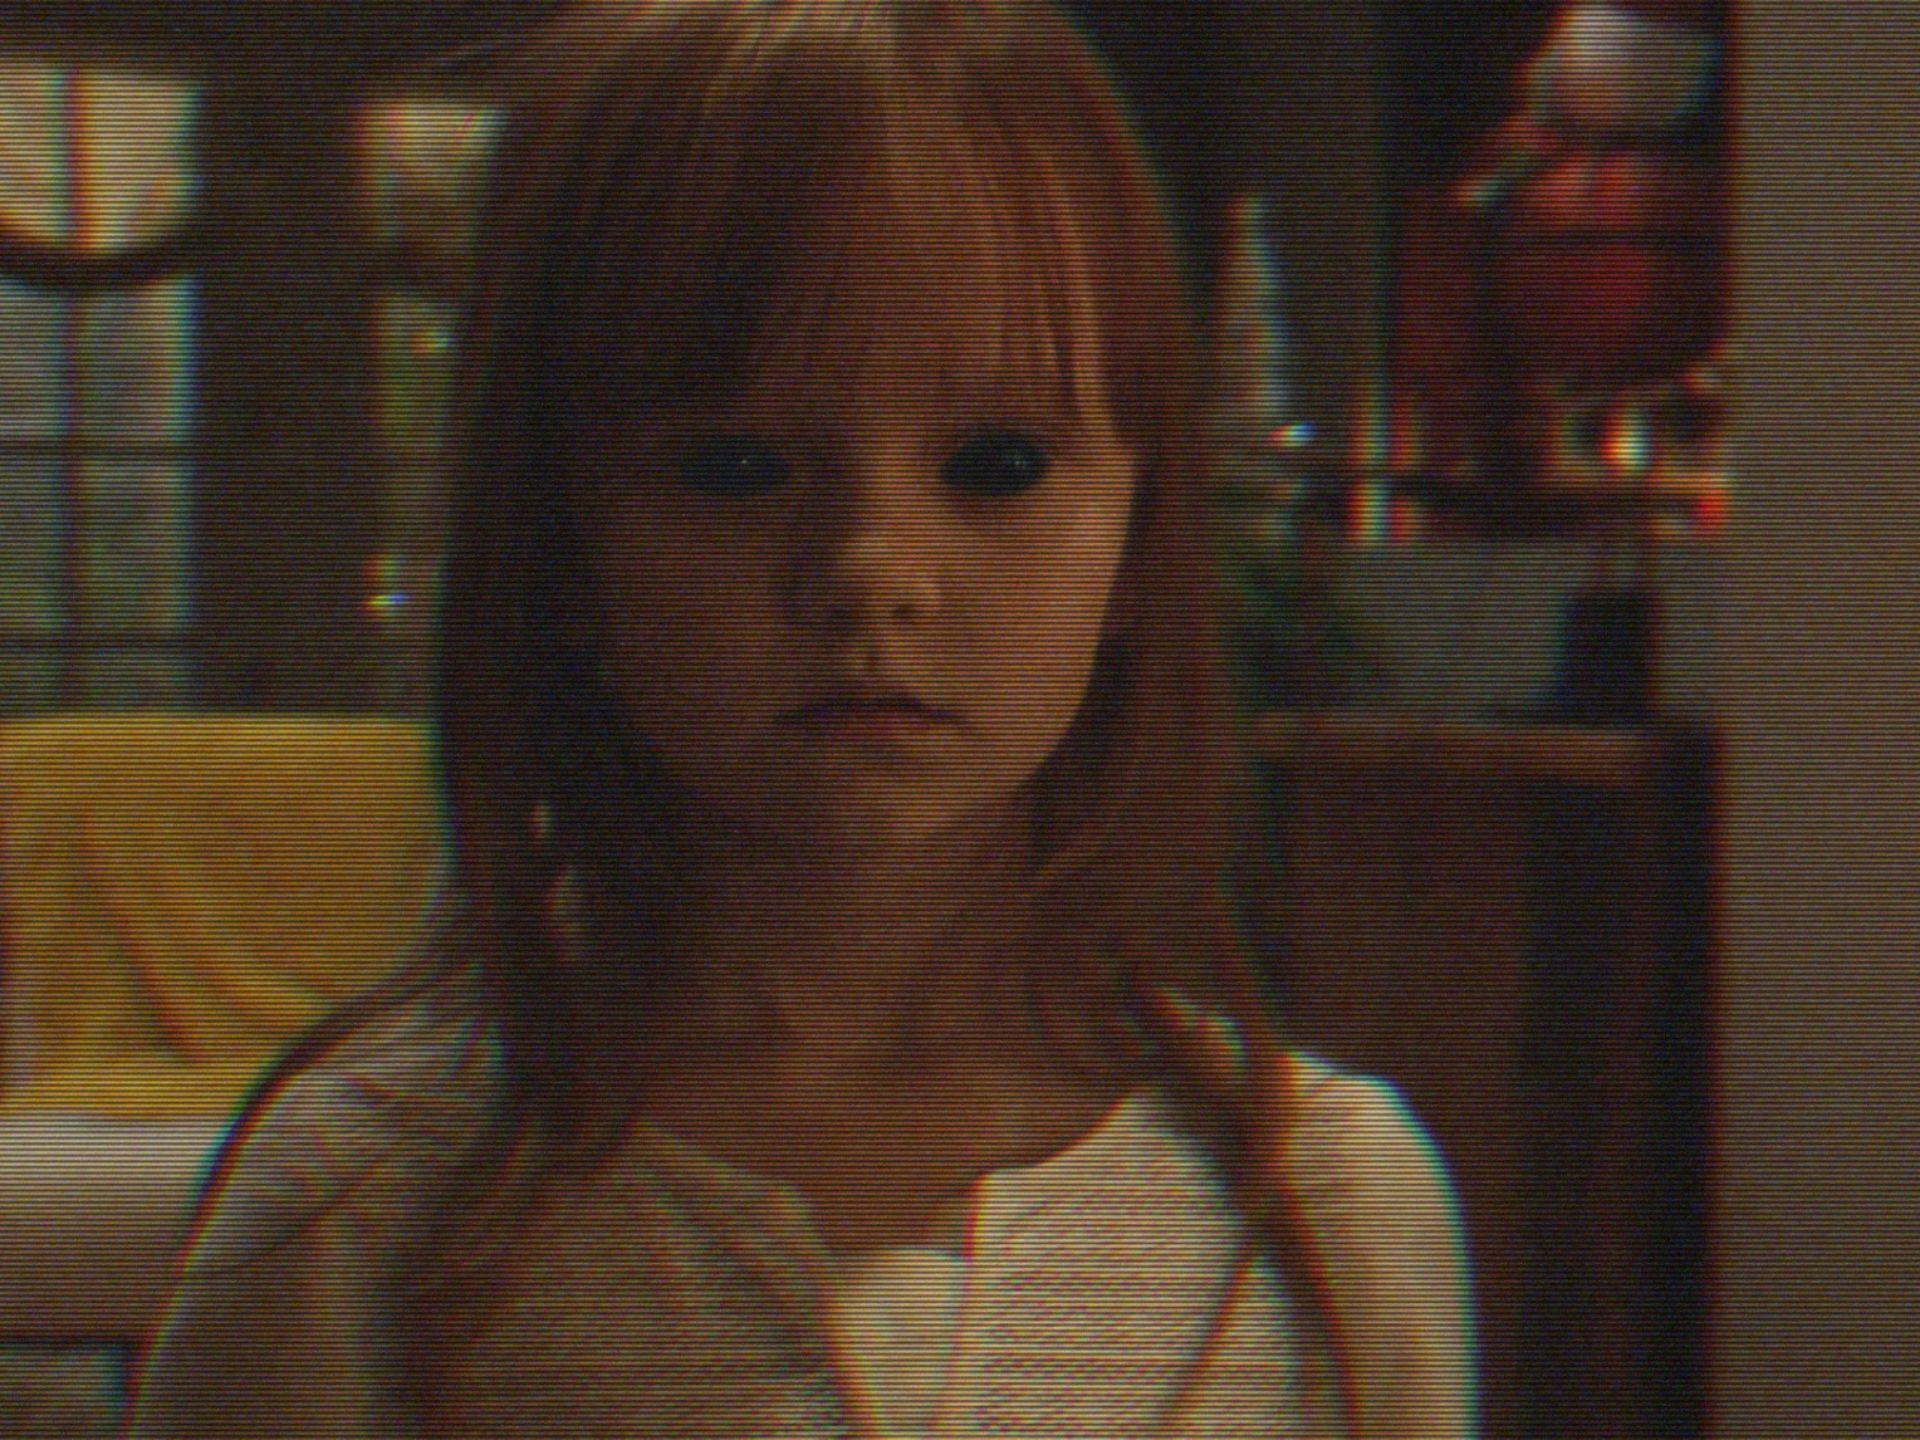 Loạt kinh dị Paranormal Activity kết thúc ở phần 5